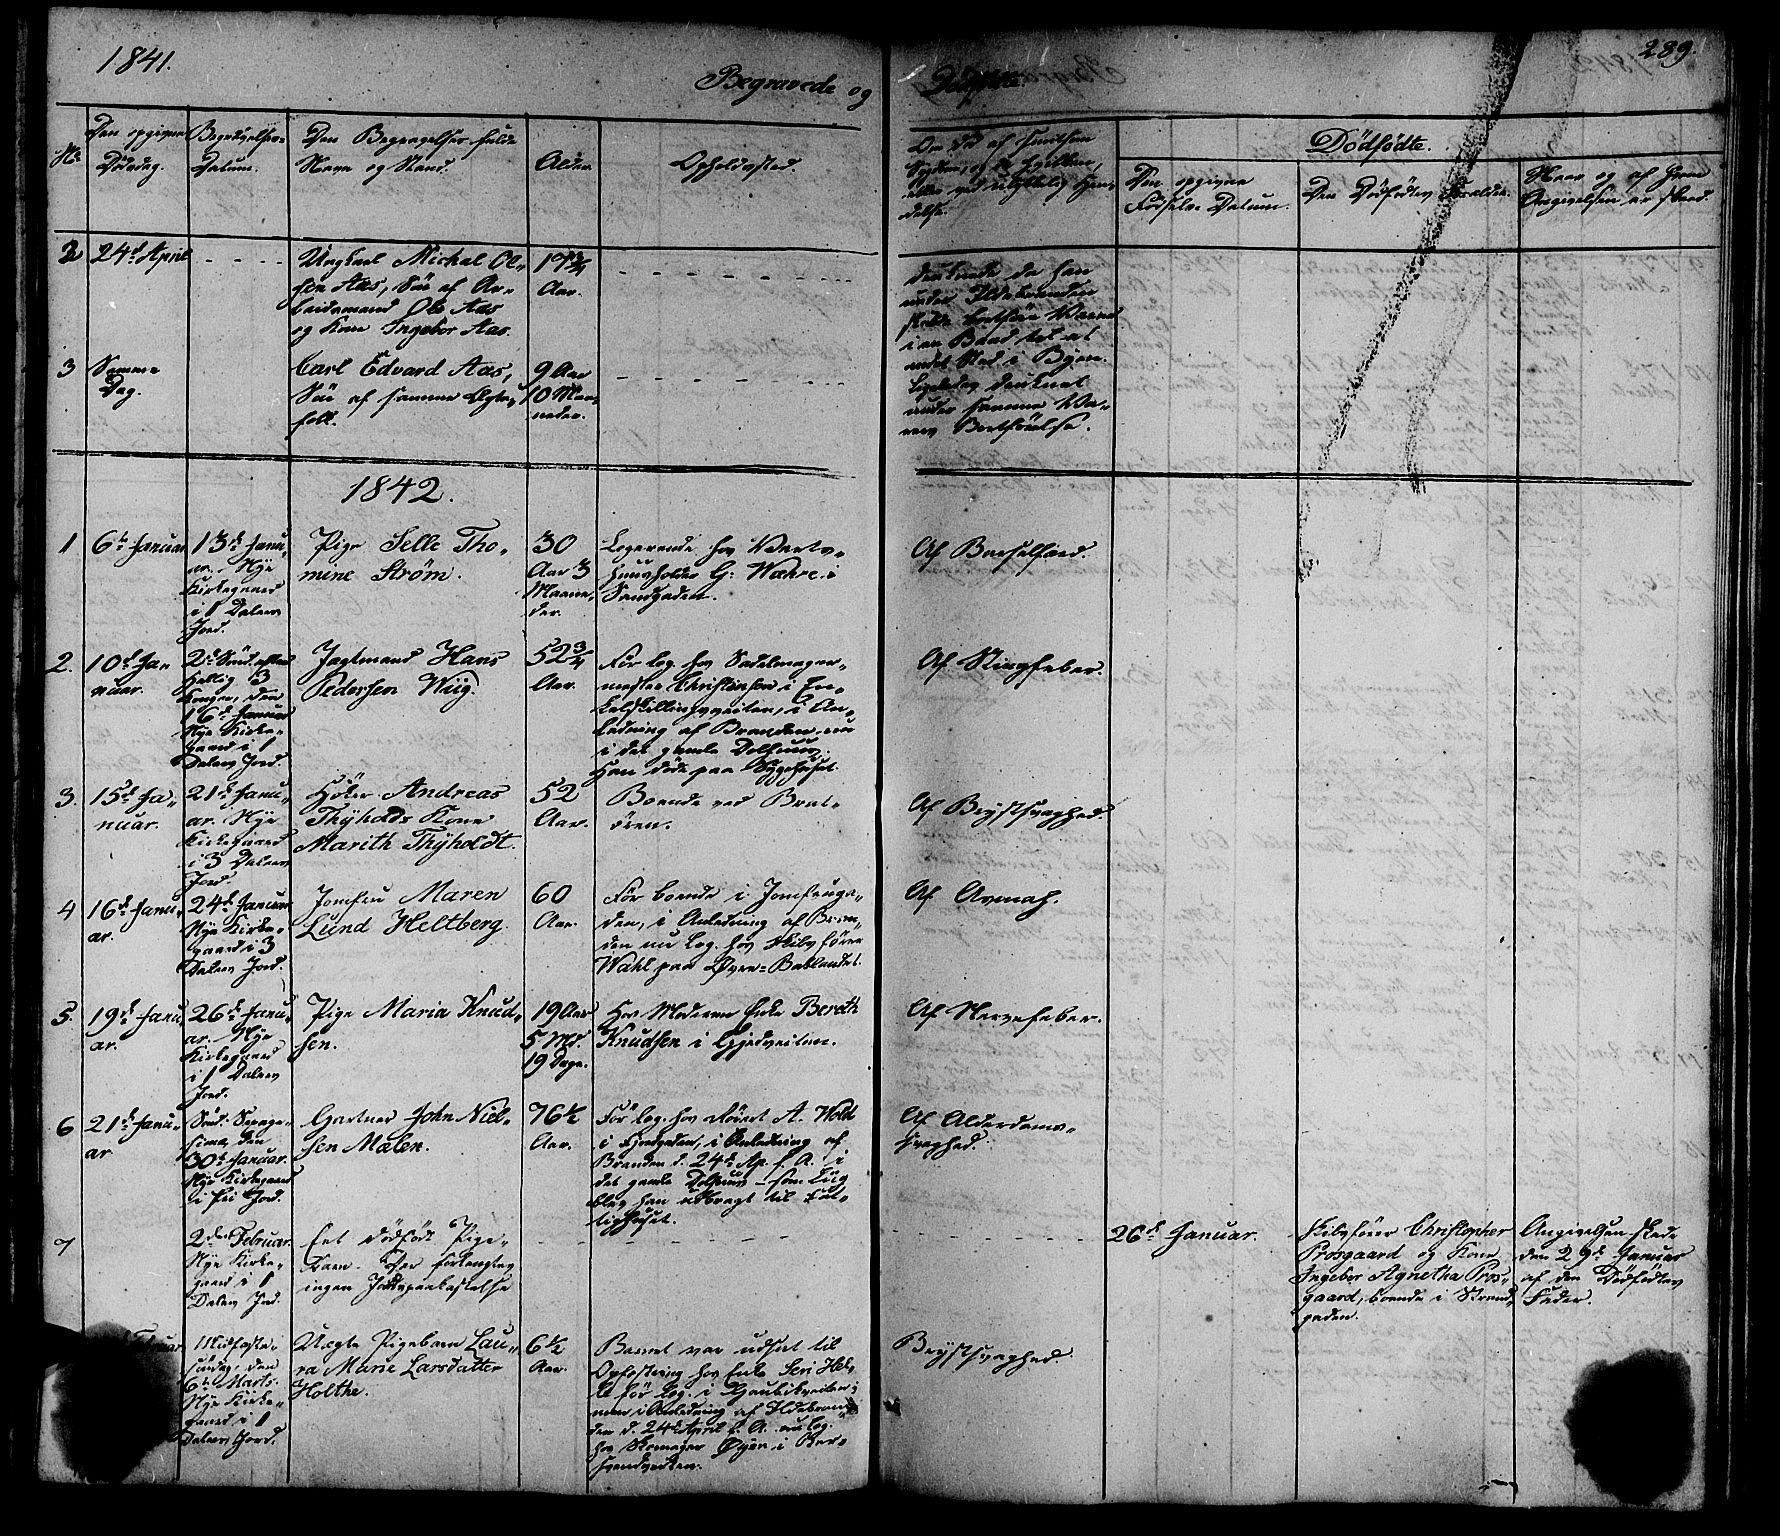 SAT, Ministerialprotokoller, klokkerbøker og fødselsregistre - Sør-Trøndelag, 602/L0136: Klokkerbok nr. 602C04, 1833-1845, s. 289